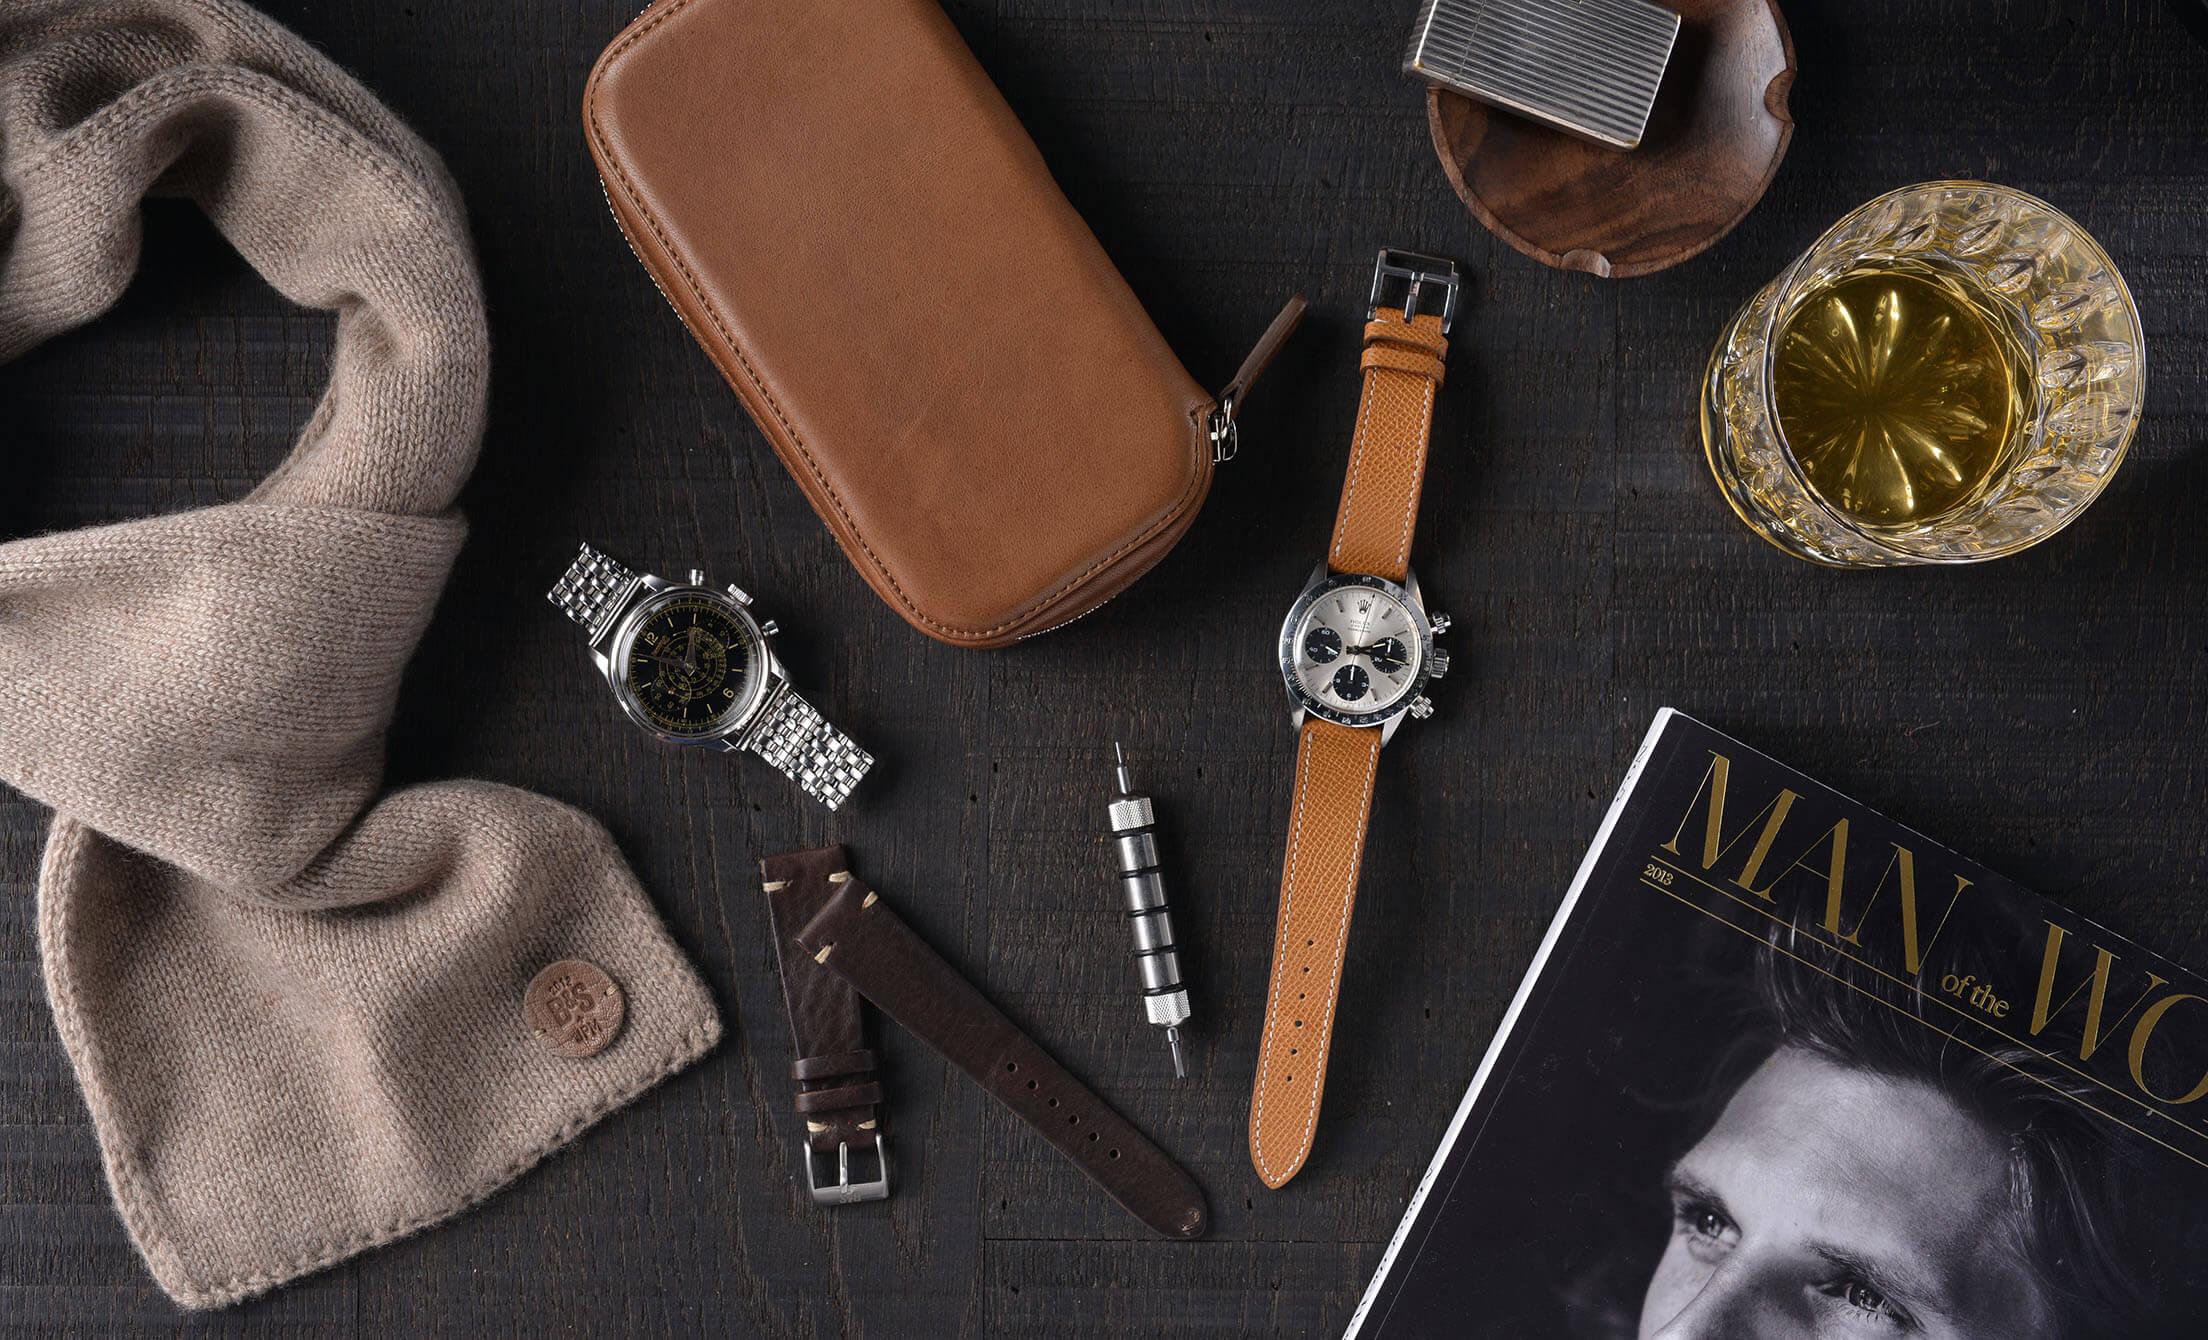 Tìm hiểu các ký hiệu trên đồng hồ đeo tay